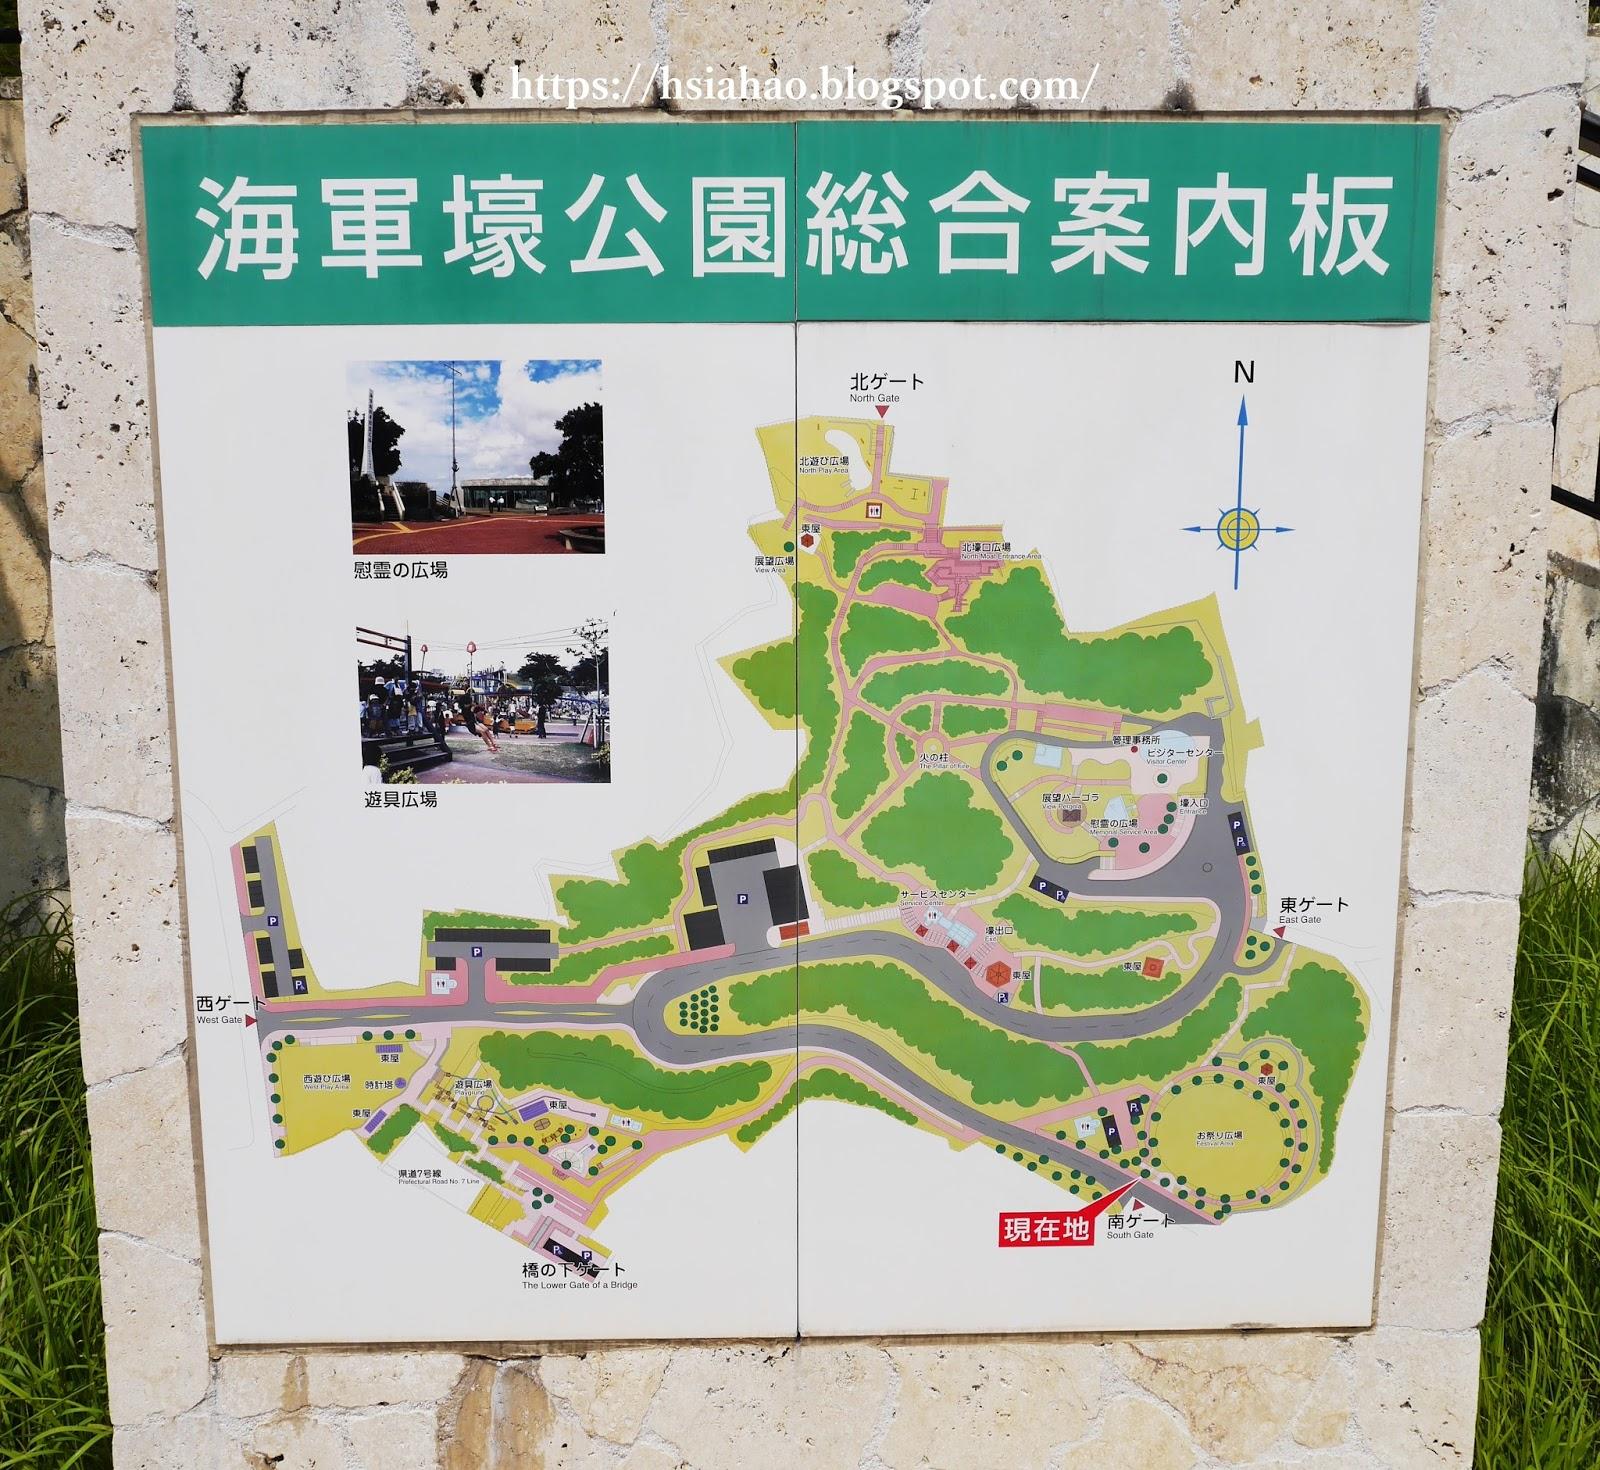 沖繩-那霸-景點-海軍壕公園-地圖-自由行-旅遊-Okinawa-Naha-kaigungou